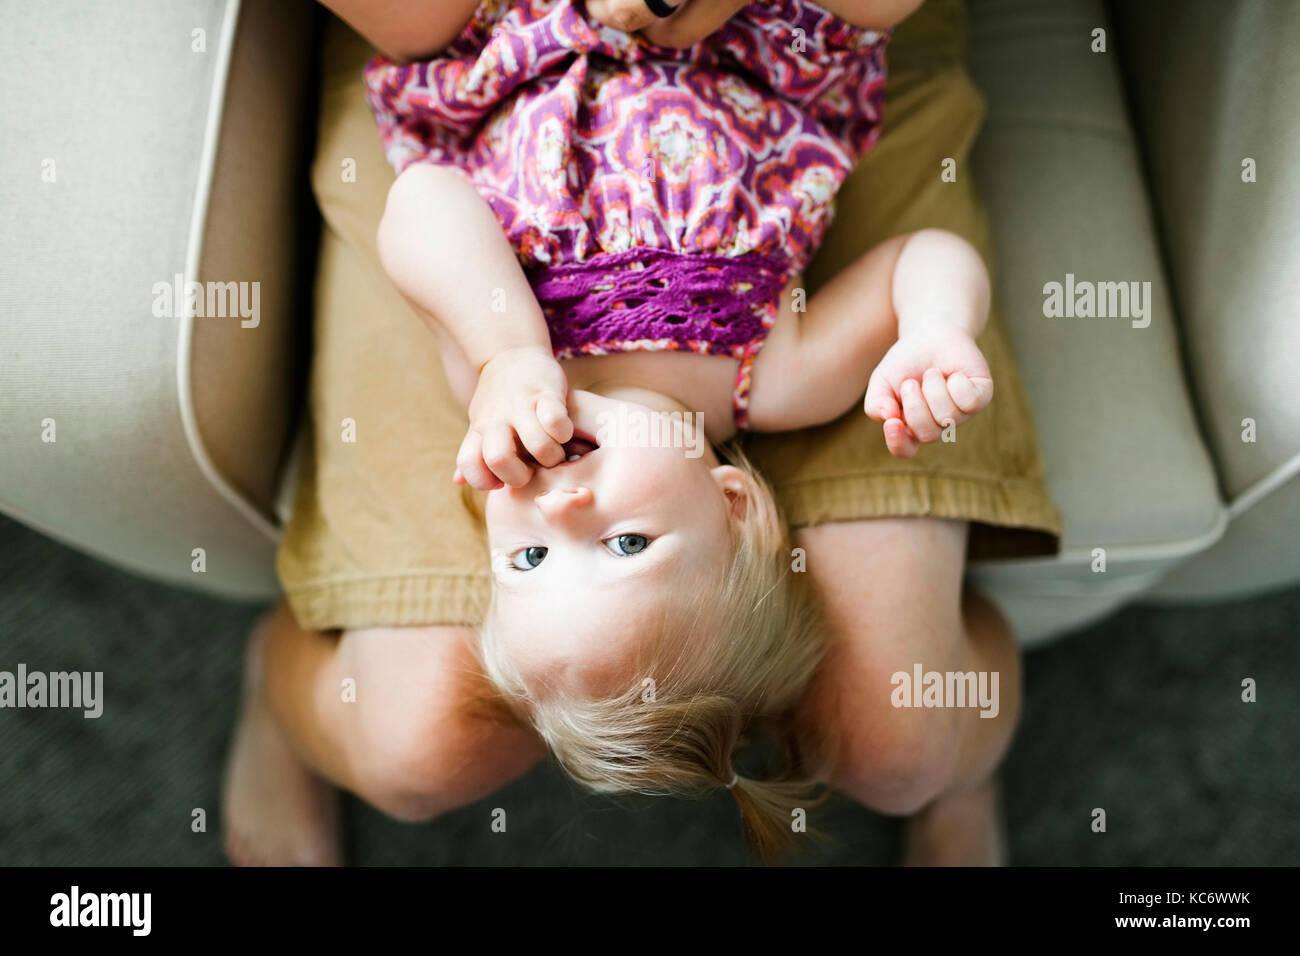 Padre giocare con baby girl (12-17 mesi) Immagini Stock